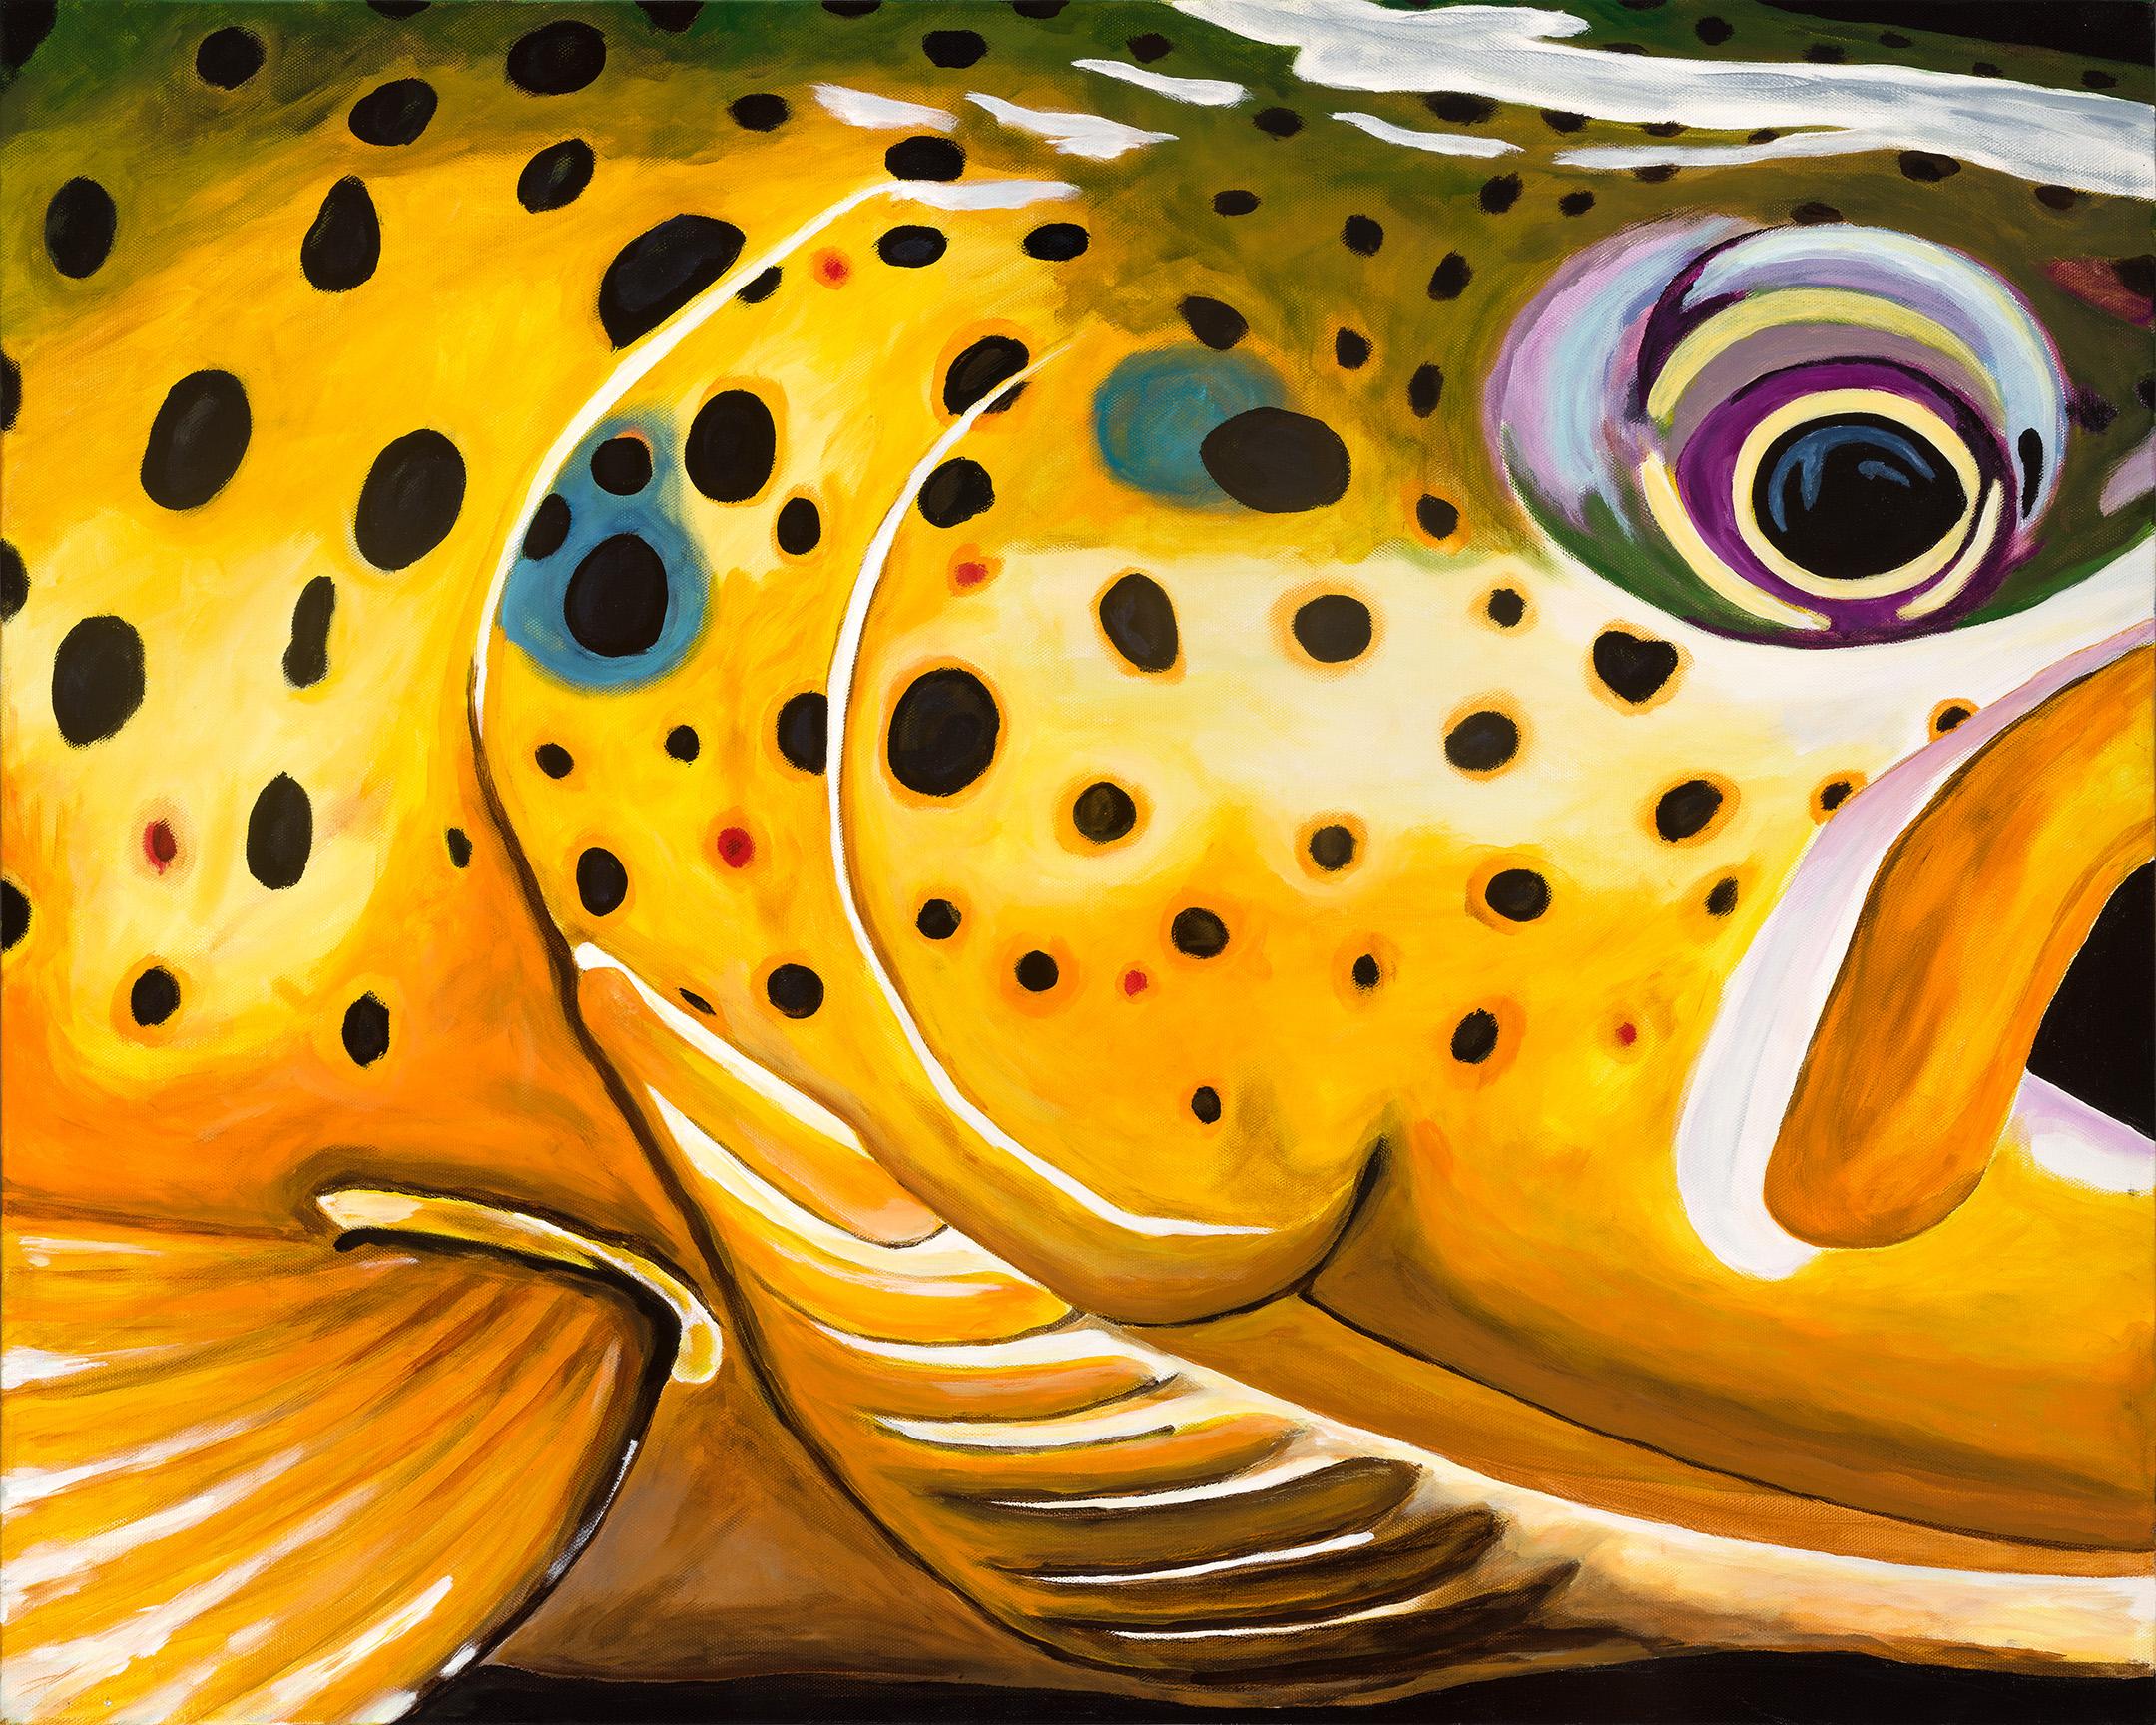 trout-fish-art.jpg